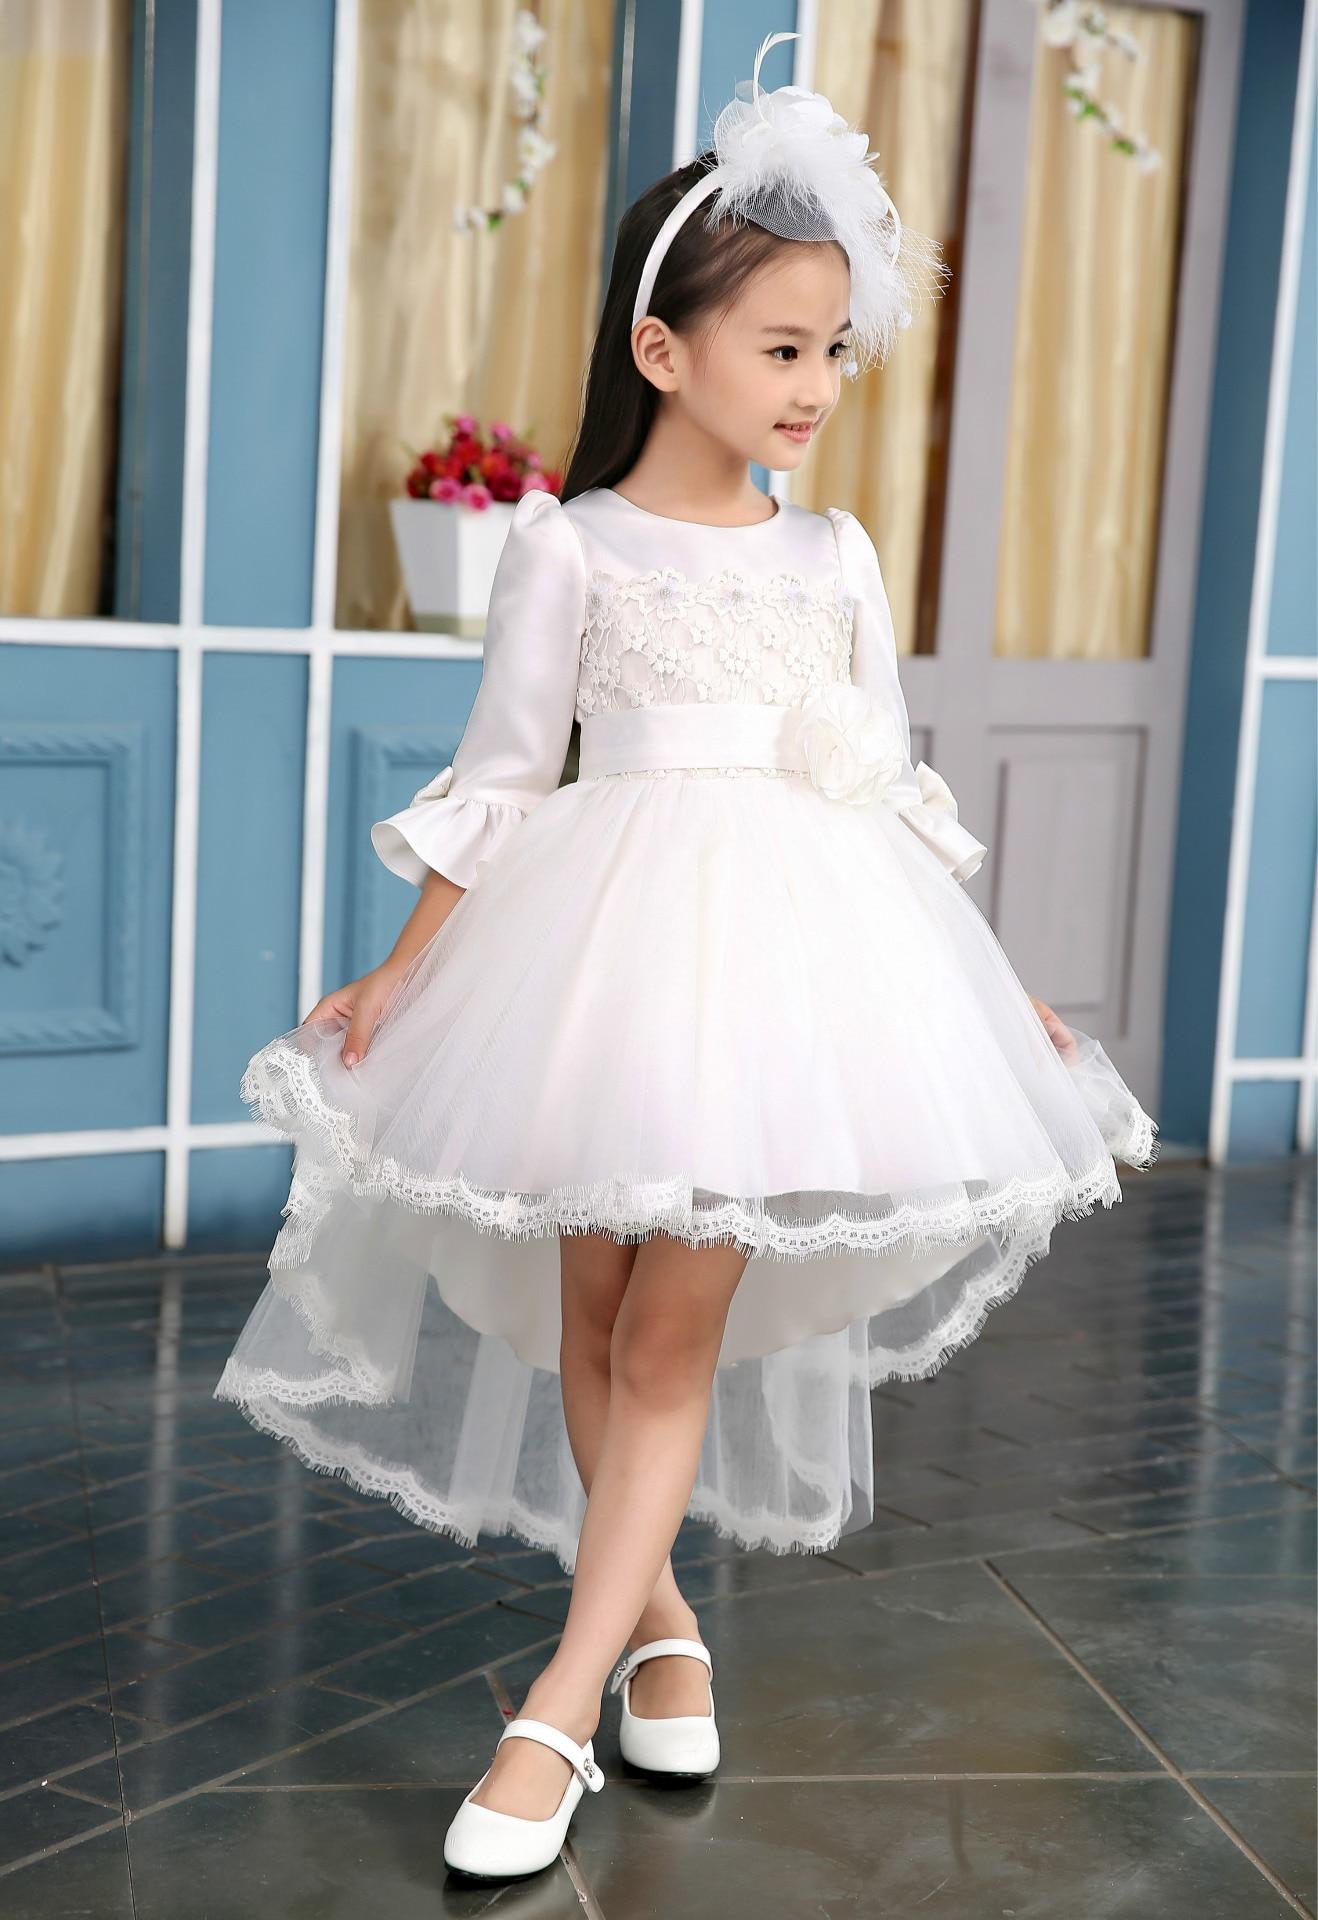 Gemütlich Kinder Kleid Für Die Hochzeit Bilder - Brautkleider Ideen ...